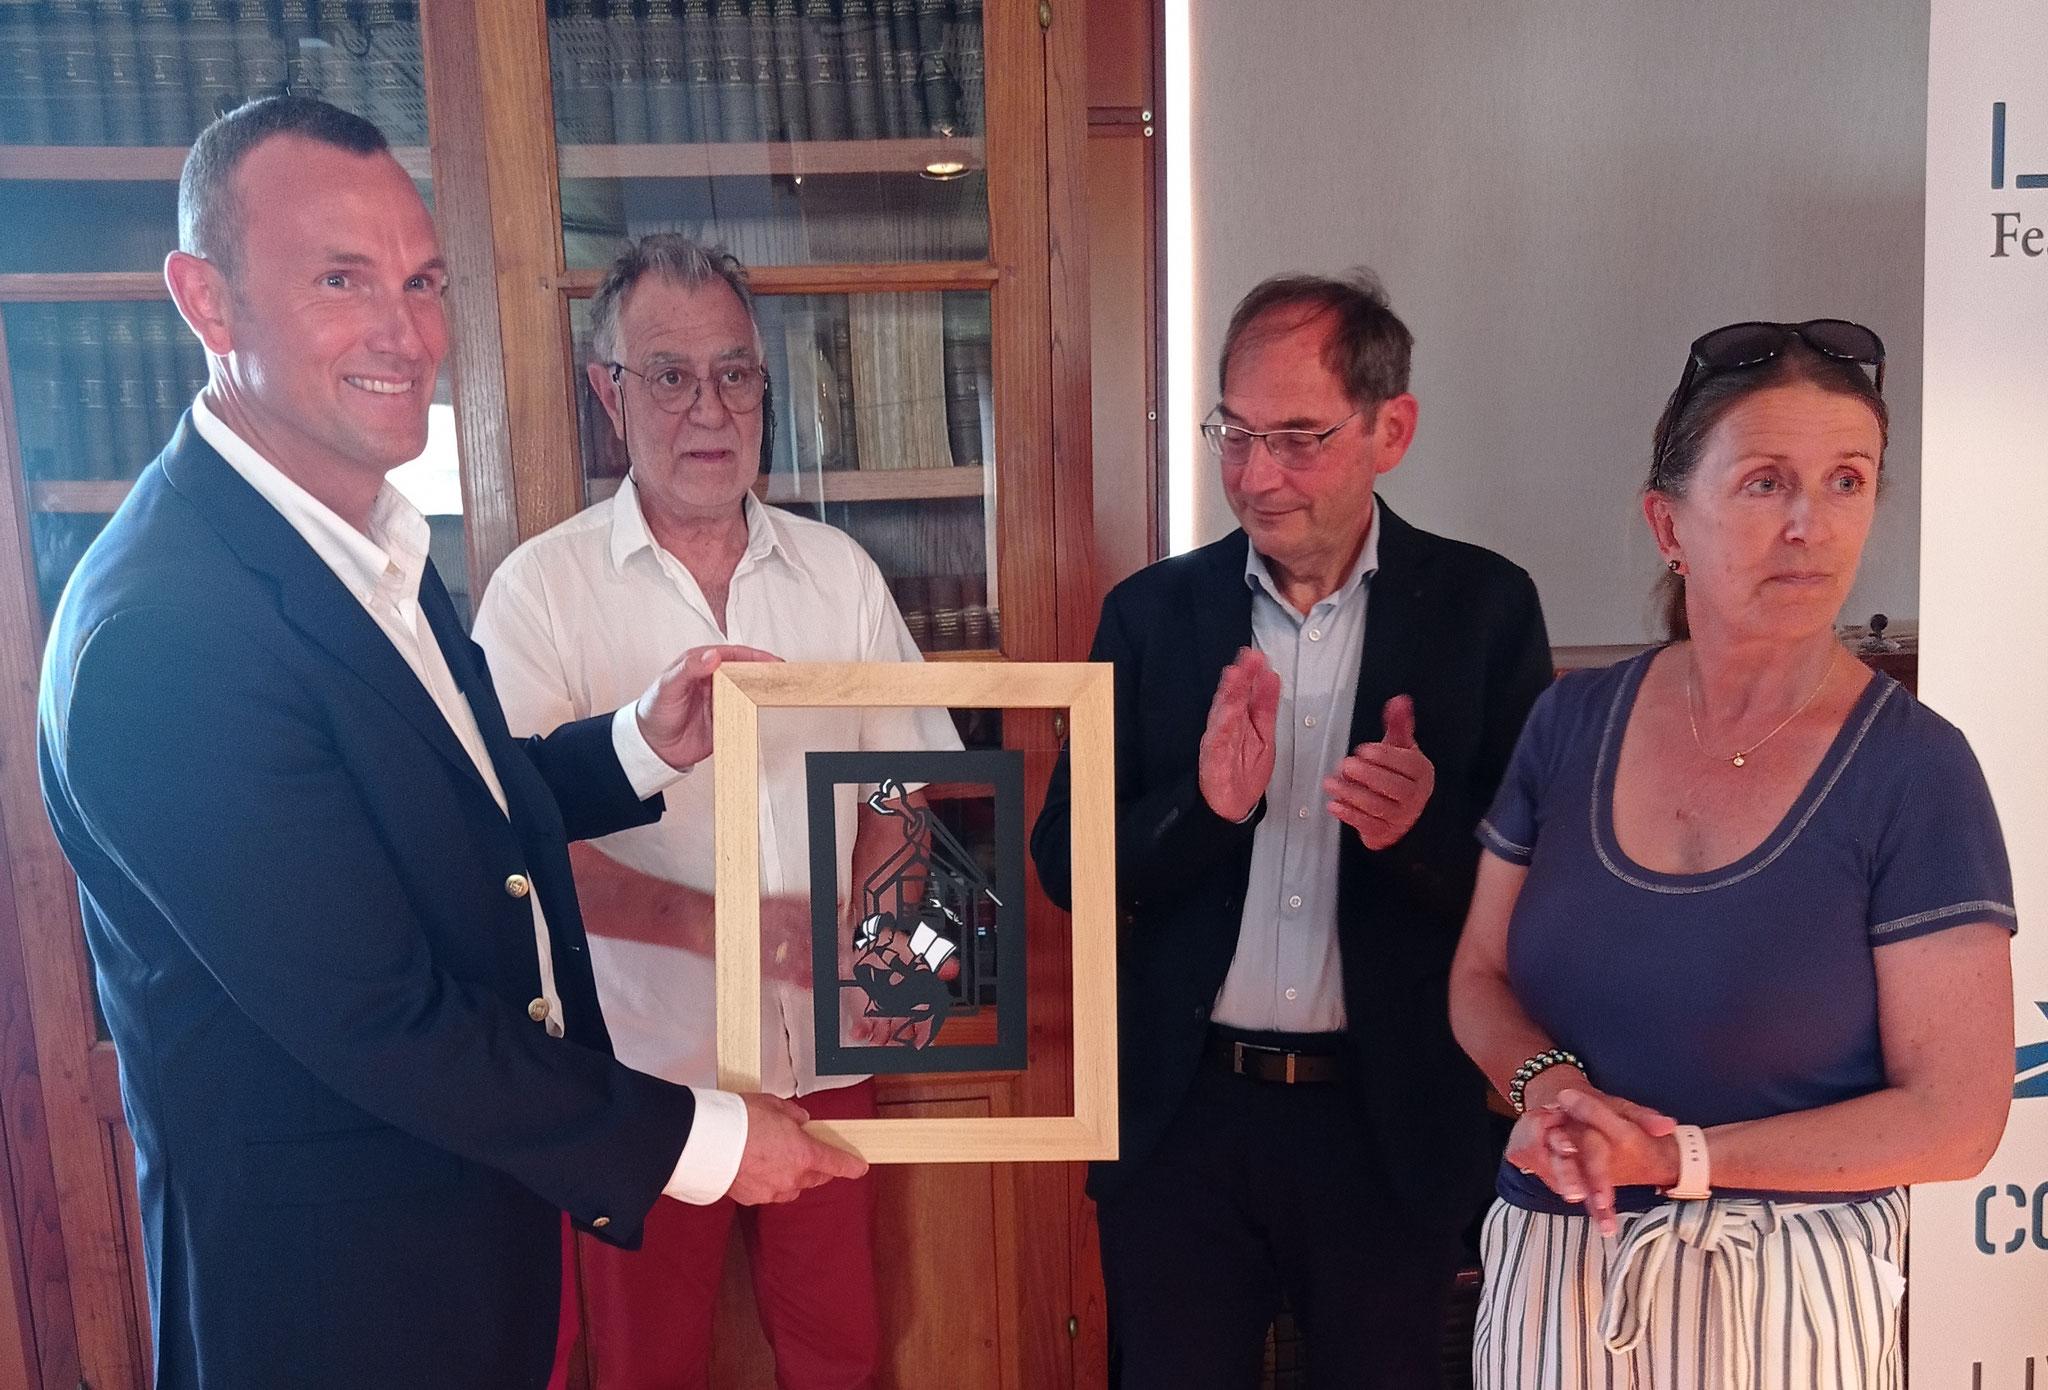 Ewan Lebourdais, Jacques Campion, Alain Echivard & Annick Martin